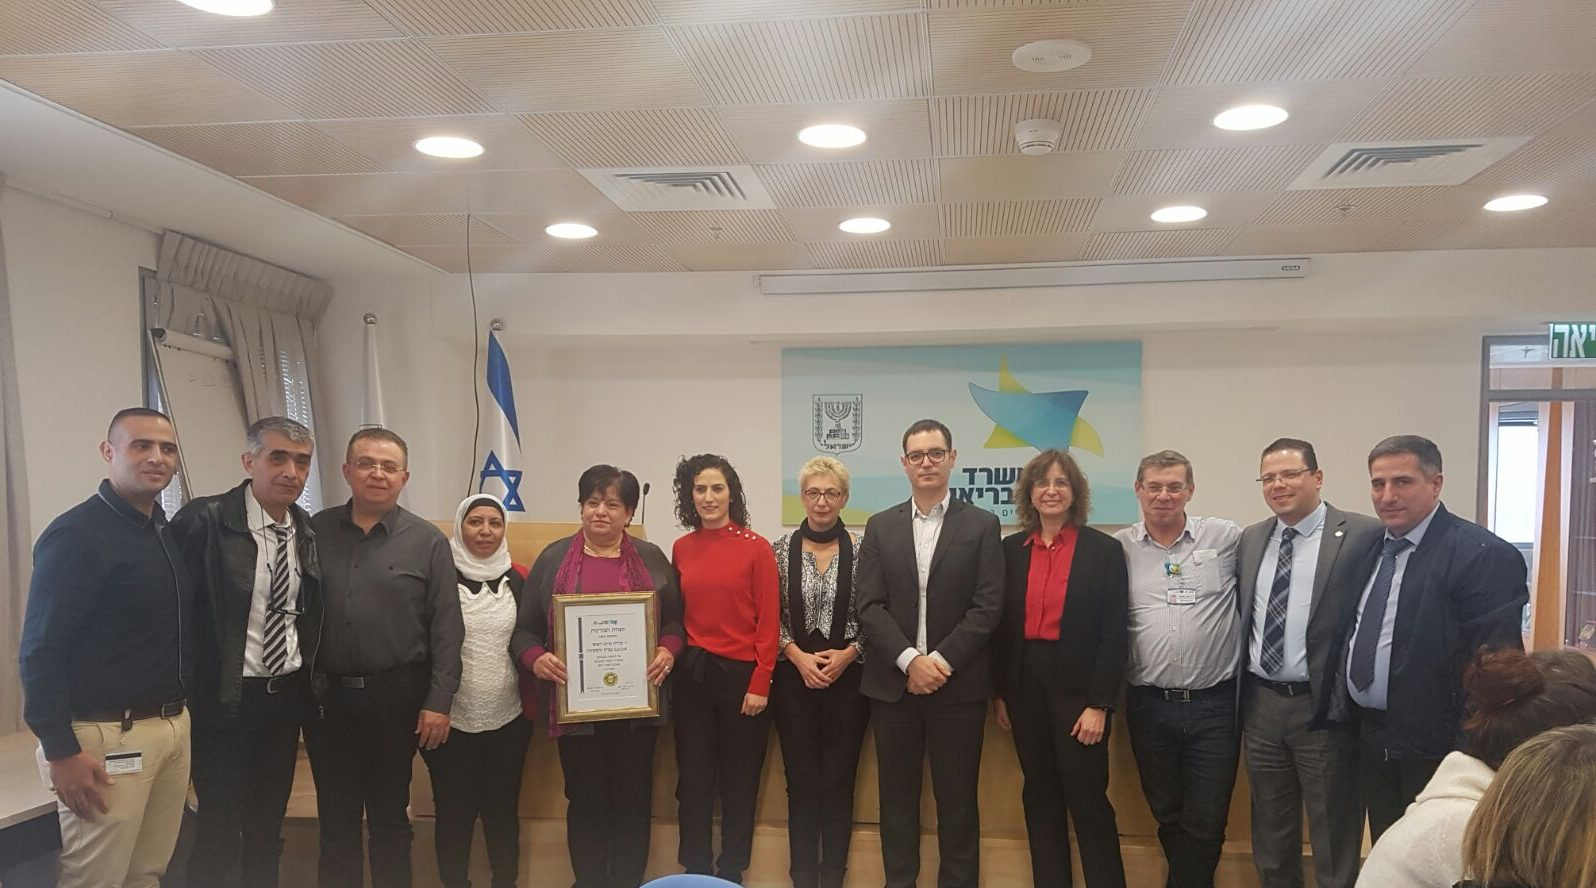 للسنة الثانية على التوالي مستشفى الناصرة – الانجليزي يحصل على شهادة امتياز من وزارة الصّحة لإنجازات قسم الخدّج